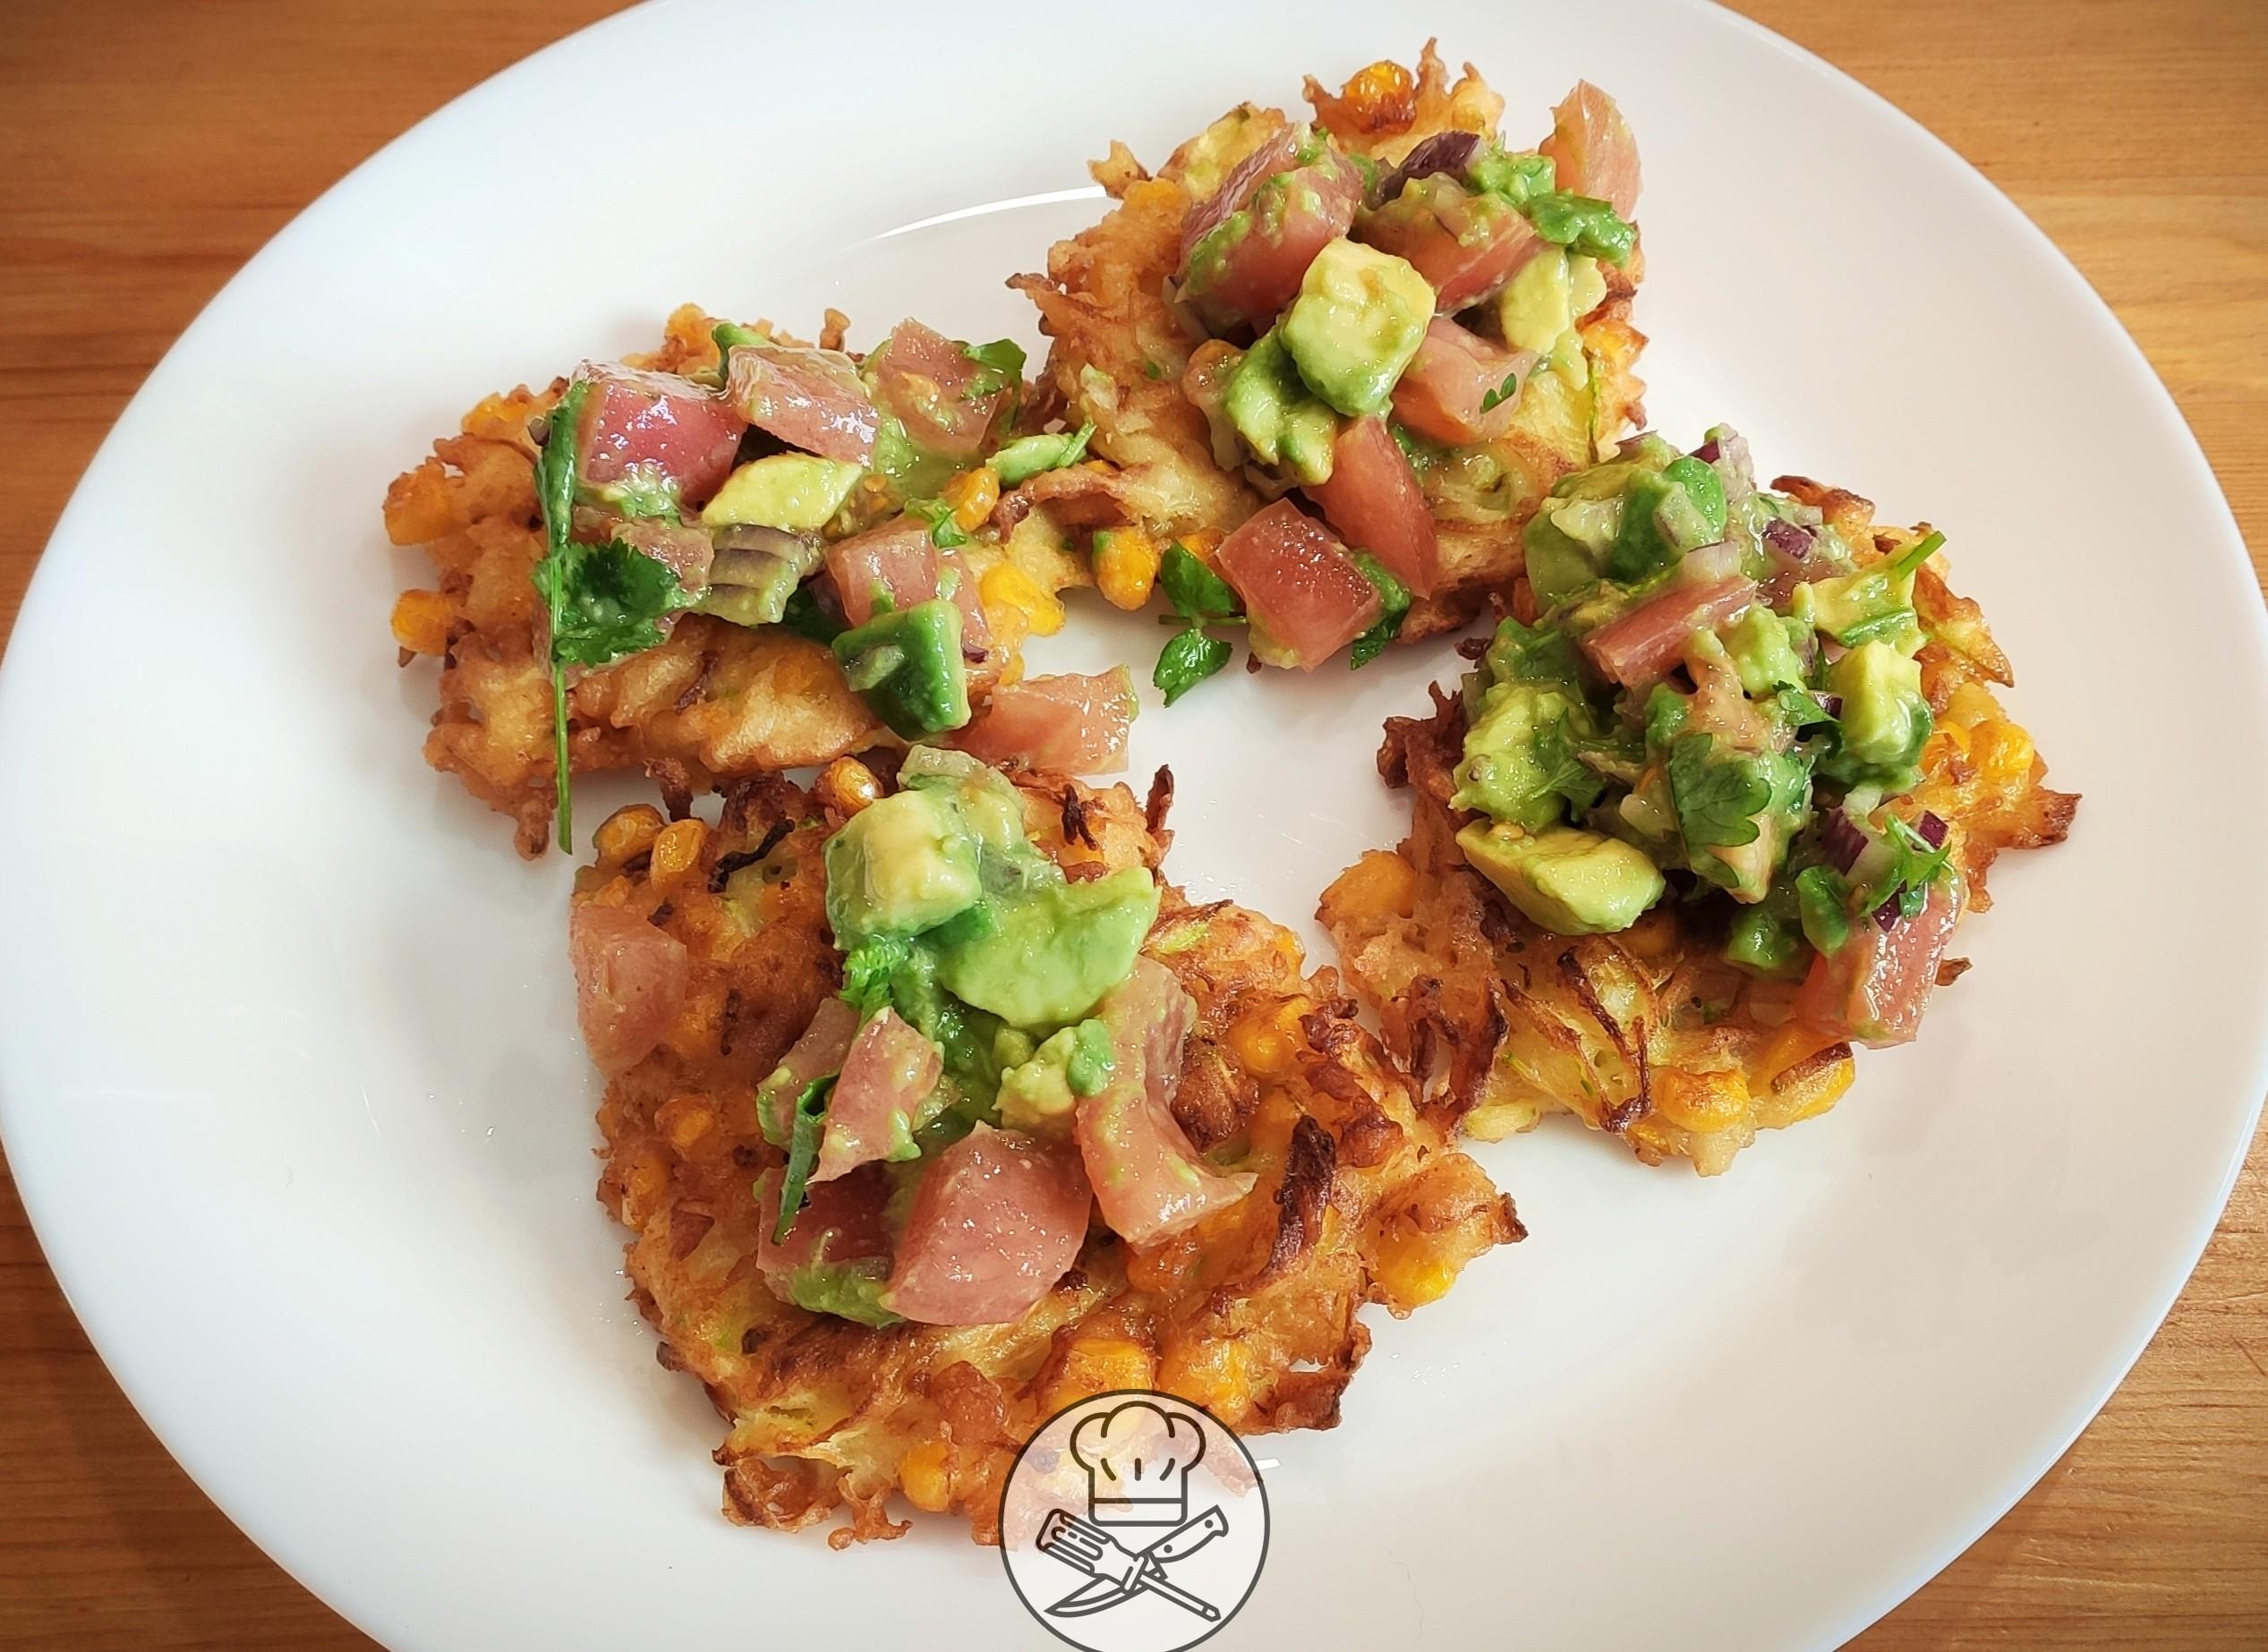 Meksykańskie placki z cukinii i kukurydzy z salsą z awokado